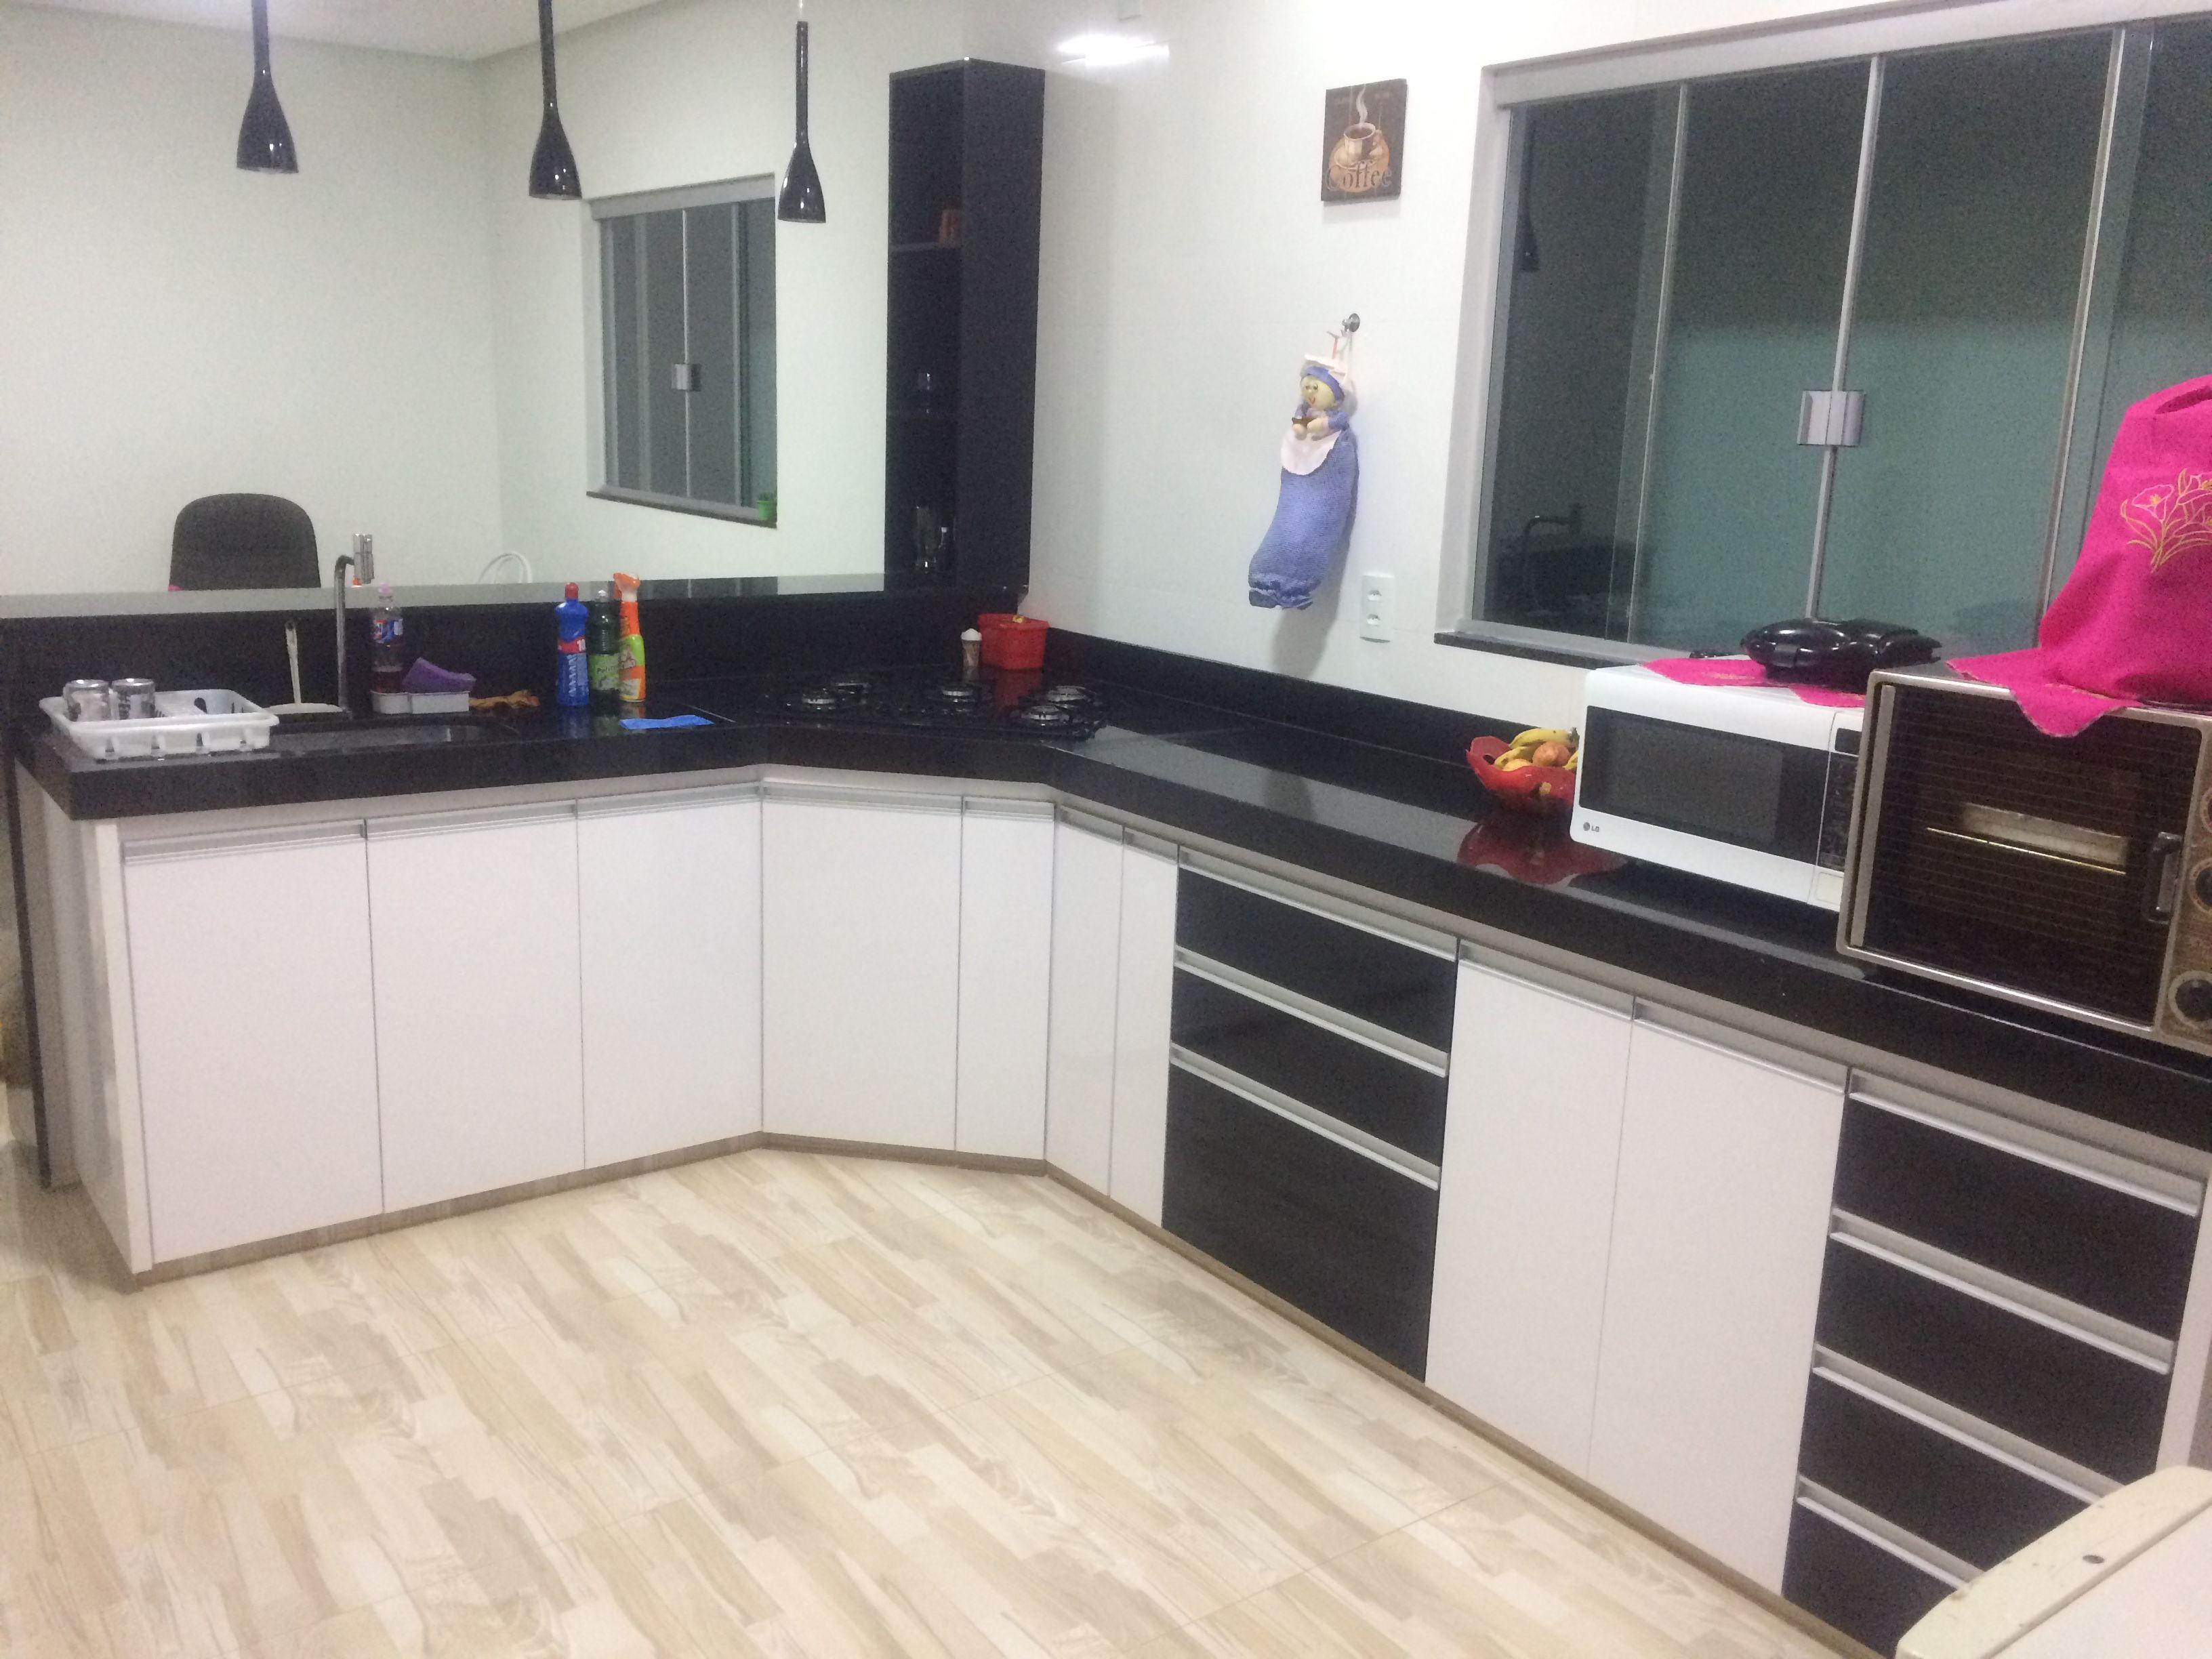 Aparador Aliança ~ Armários planejados Cozinha em MDP MDF preto e branco laca Pendentes pretos Adega preta